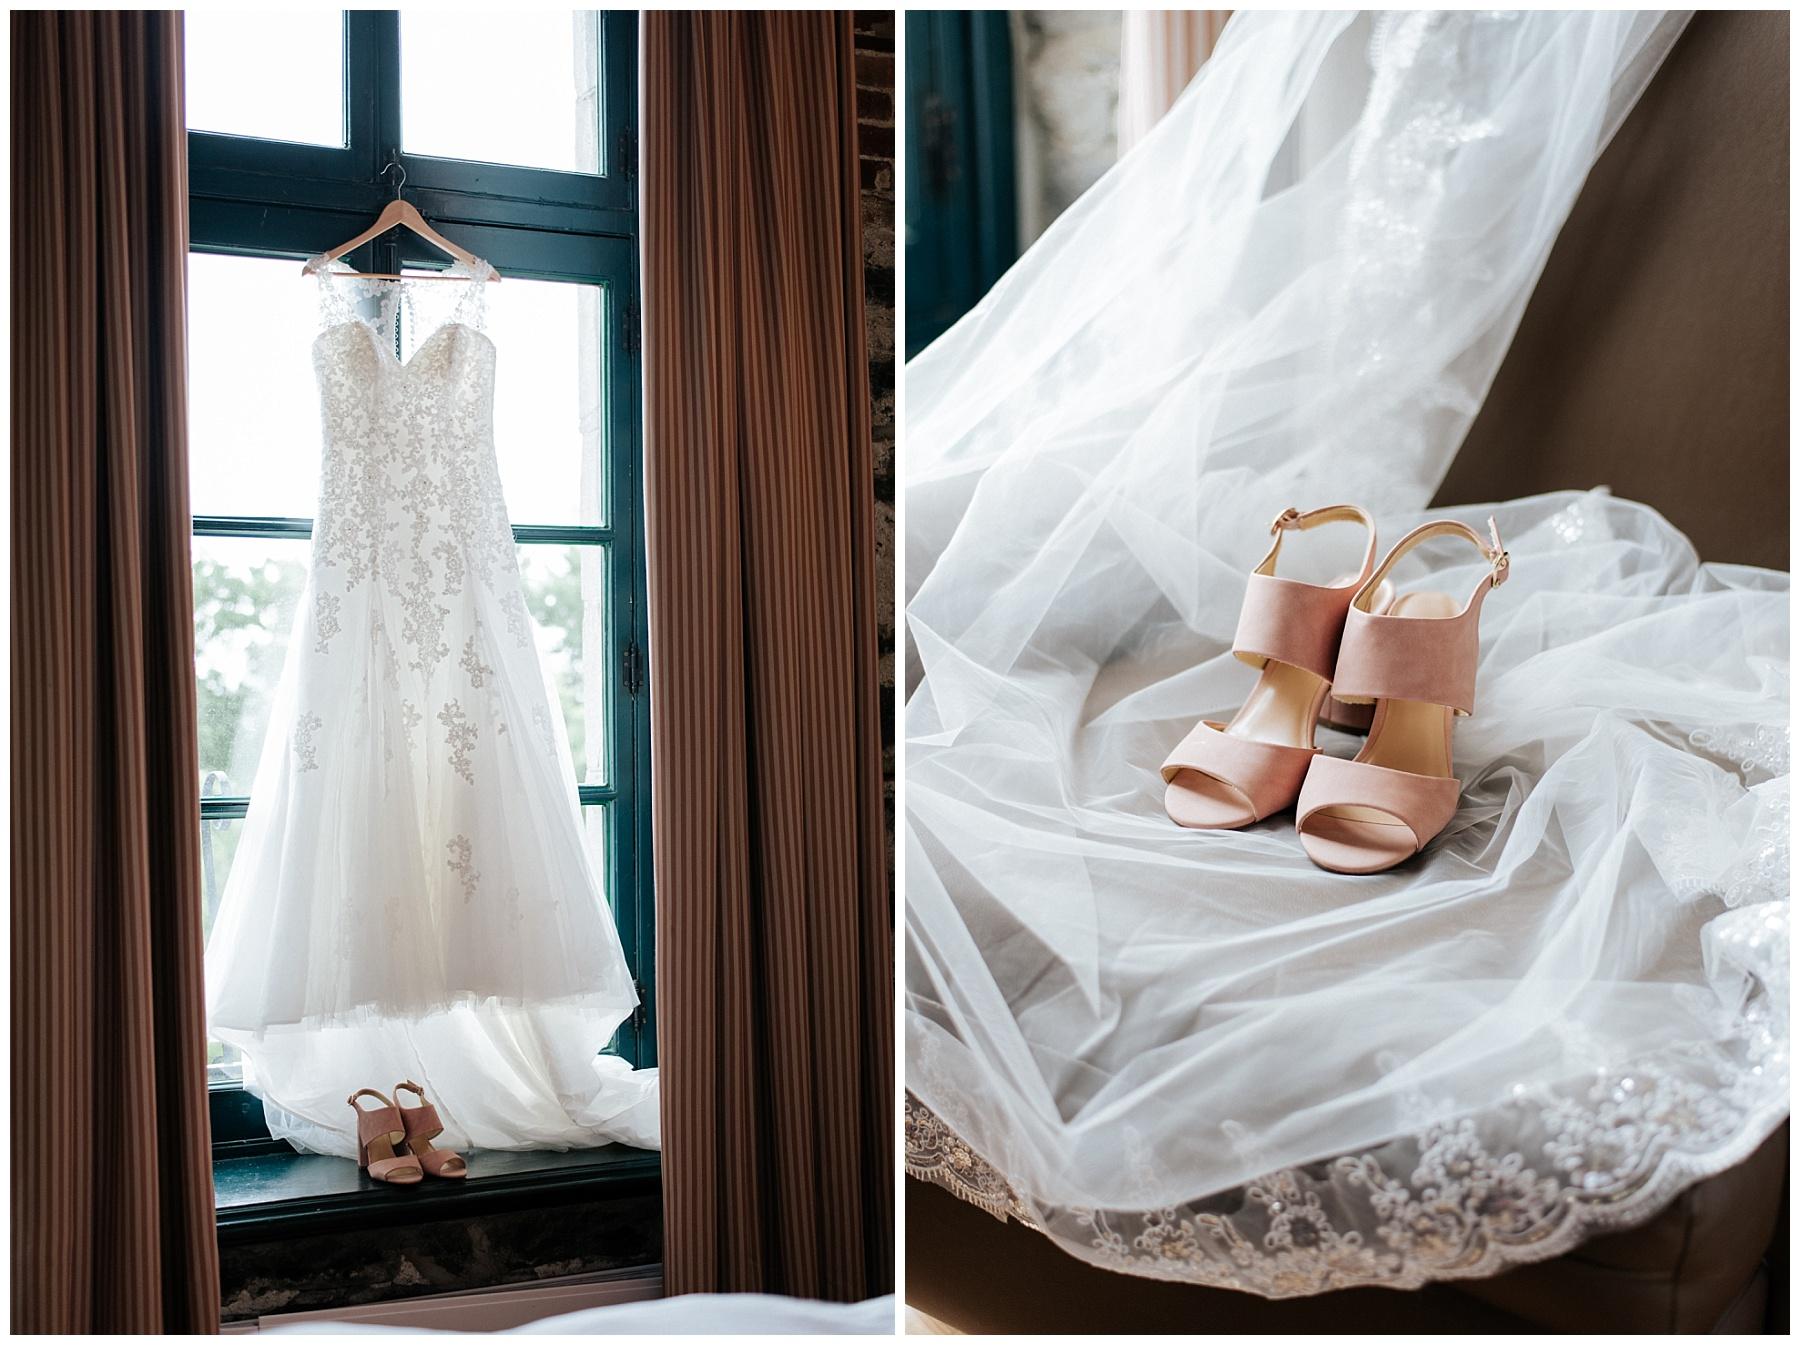 La robe de la mariée est accroché sur le cadre de la fenêtre et ses souliers robe bébé sont déposée sur une rebord de la fenêtre avec son voile.